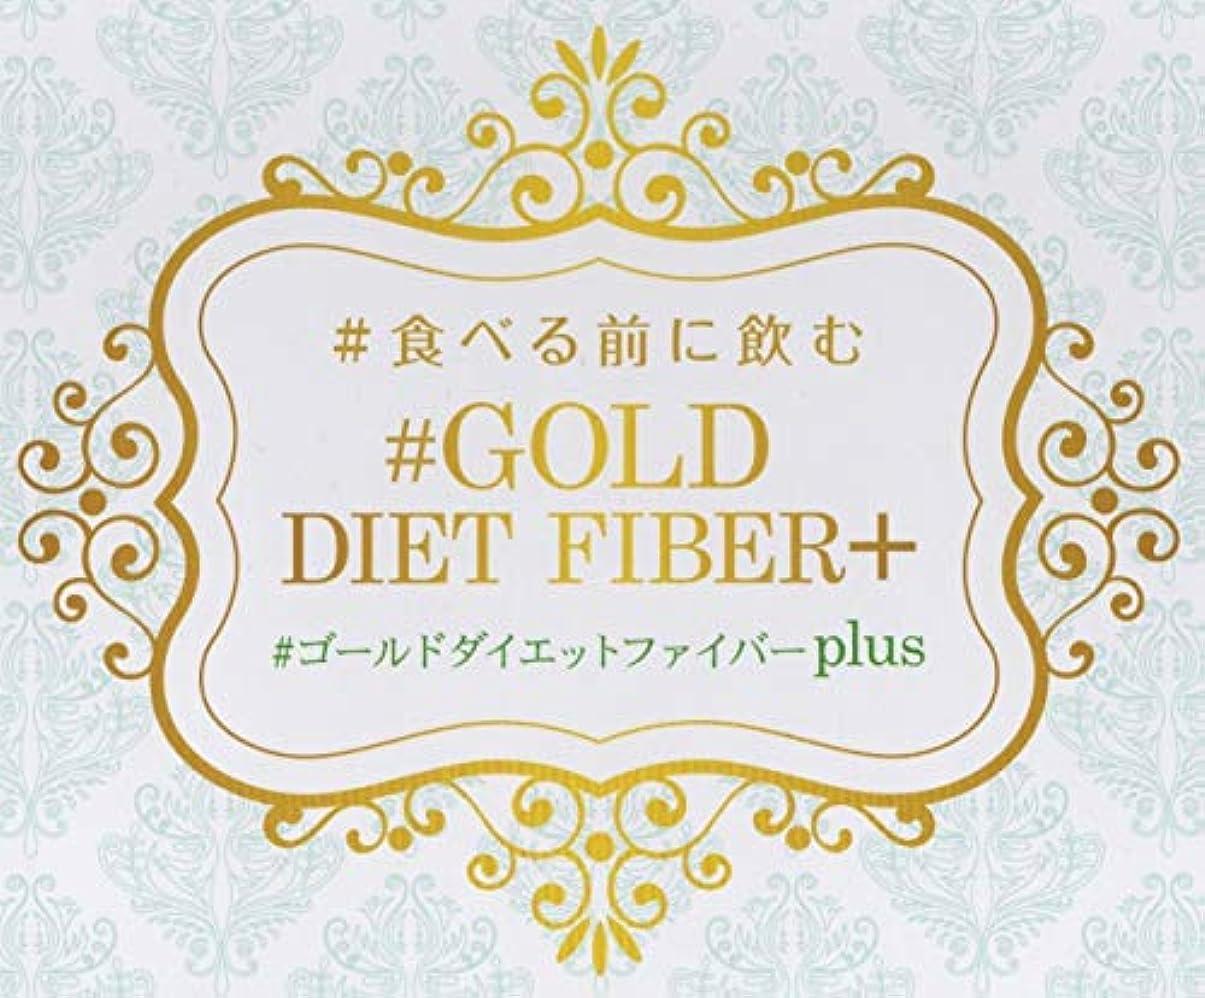 欲しいです鼻信念食べる前に飲む ゴールド ダイエット ファイバー [お試し価格](水溶性食物繊維とマルチビタミン)[ほんのりレモン味]